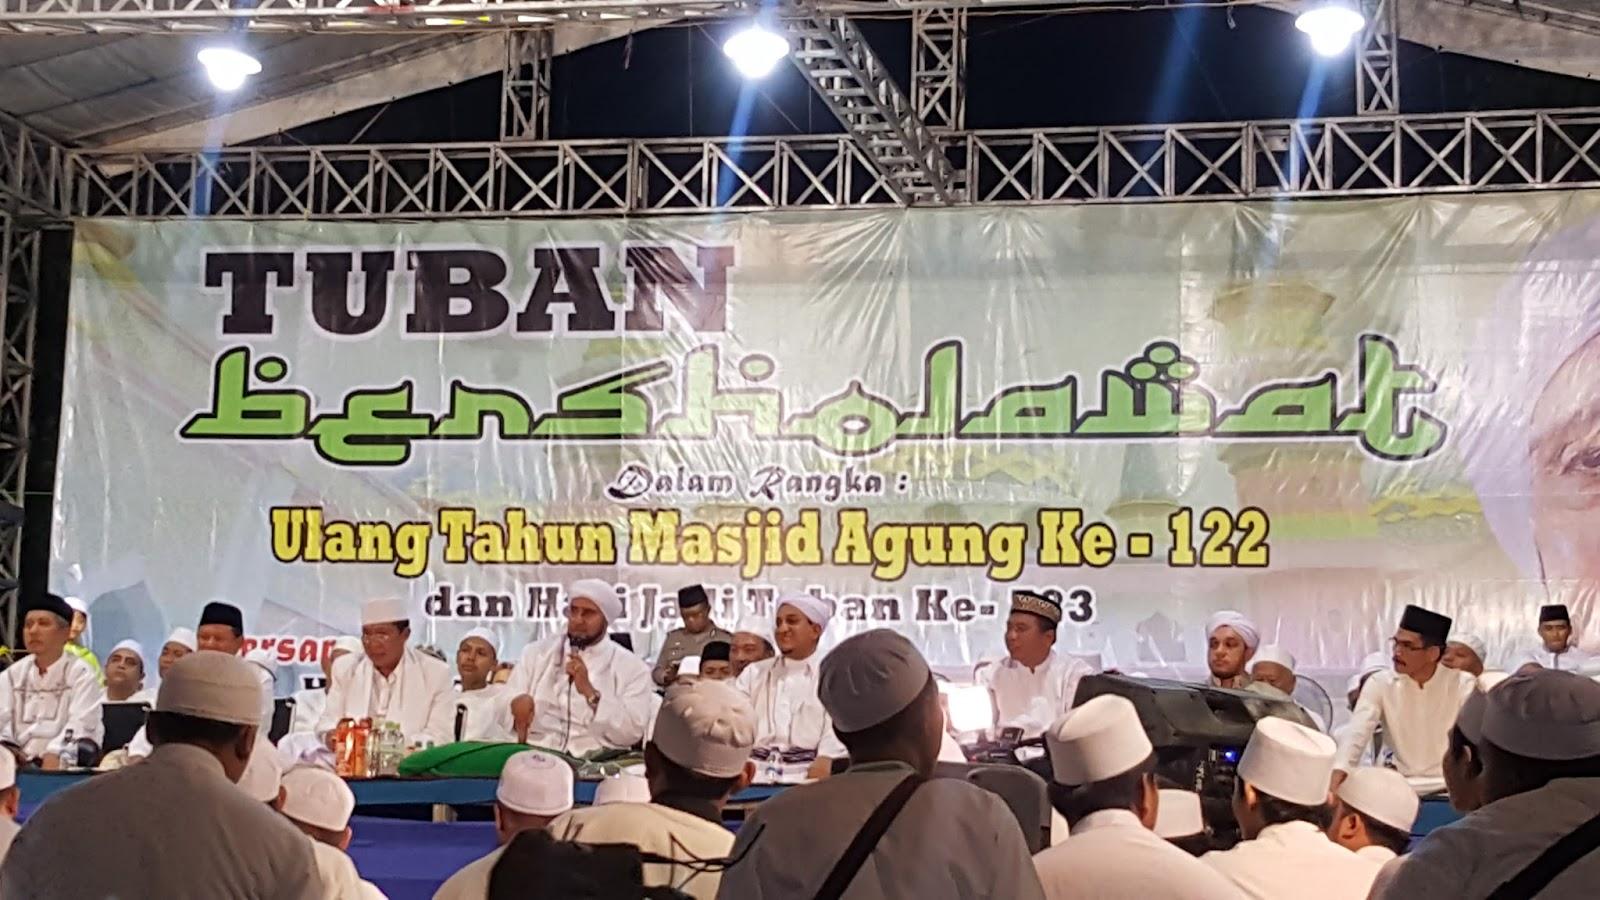 Video Live Tuban Bersholawat Bersama Habib Syech Alun Kamis Tanggal